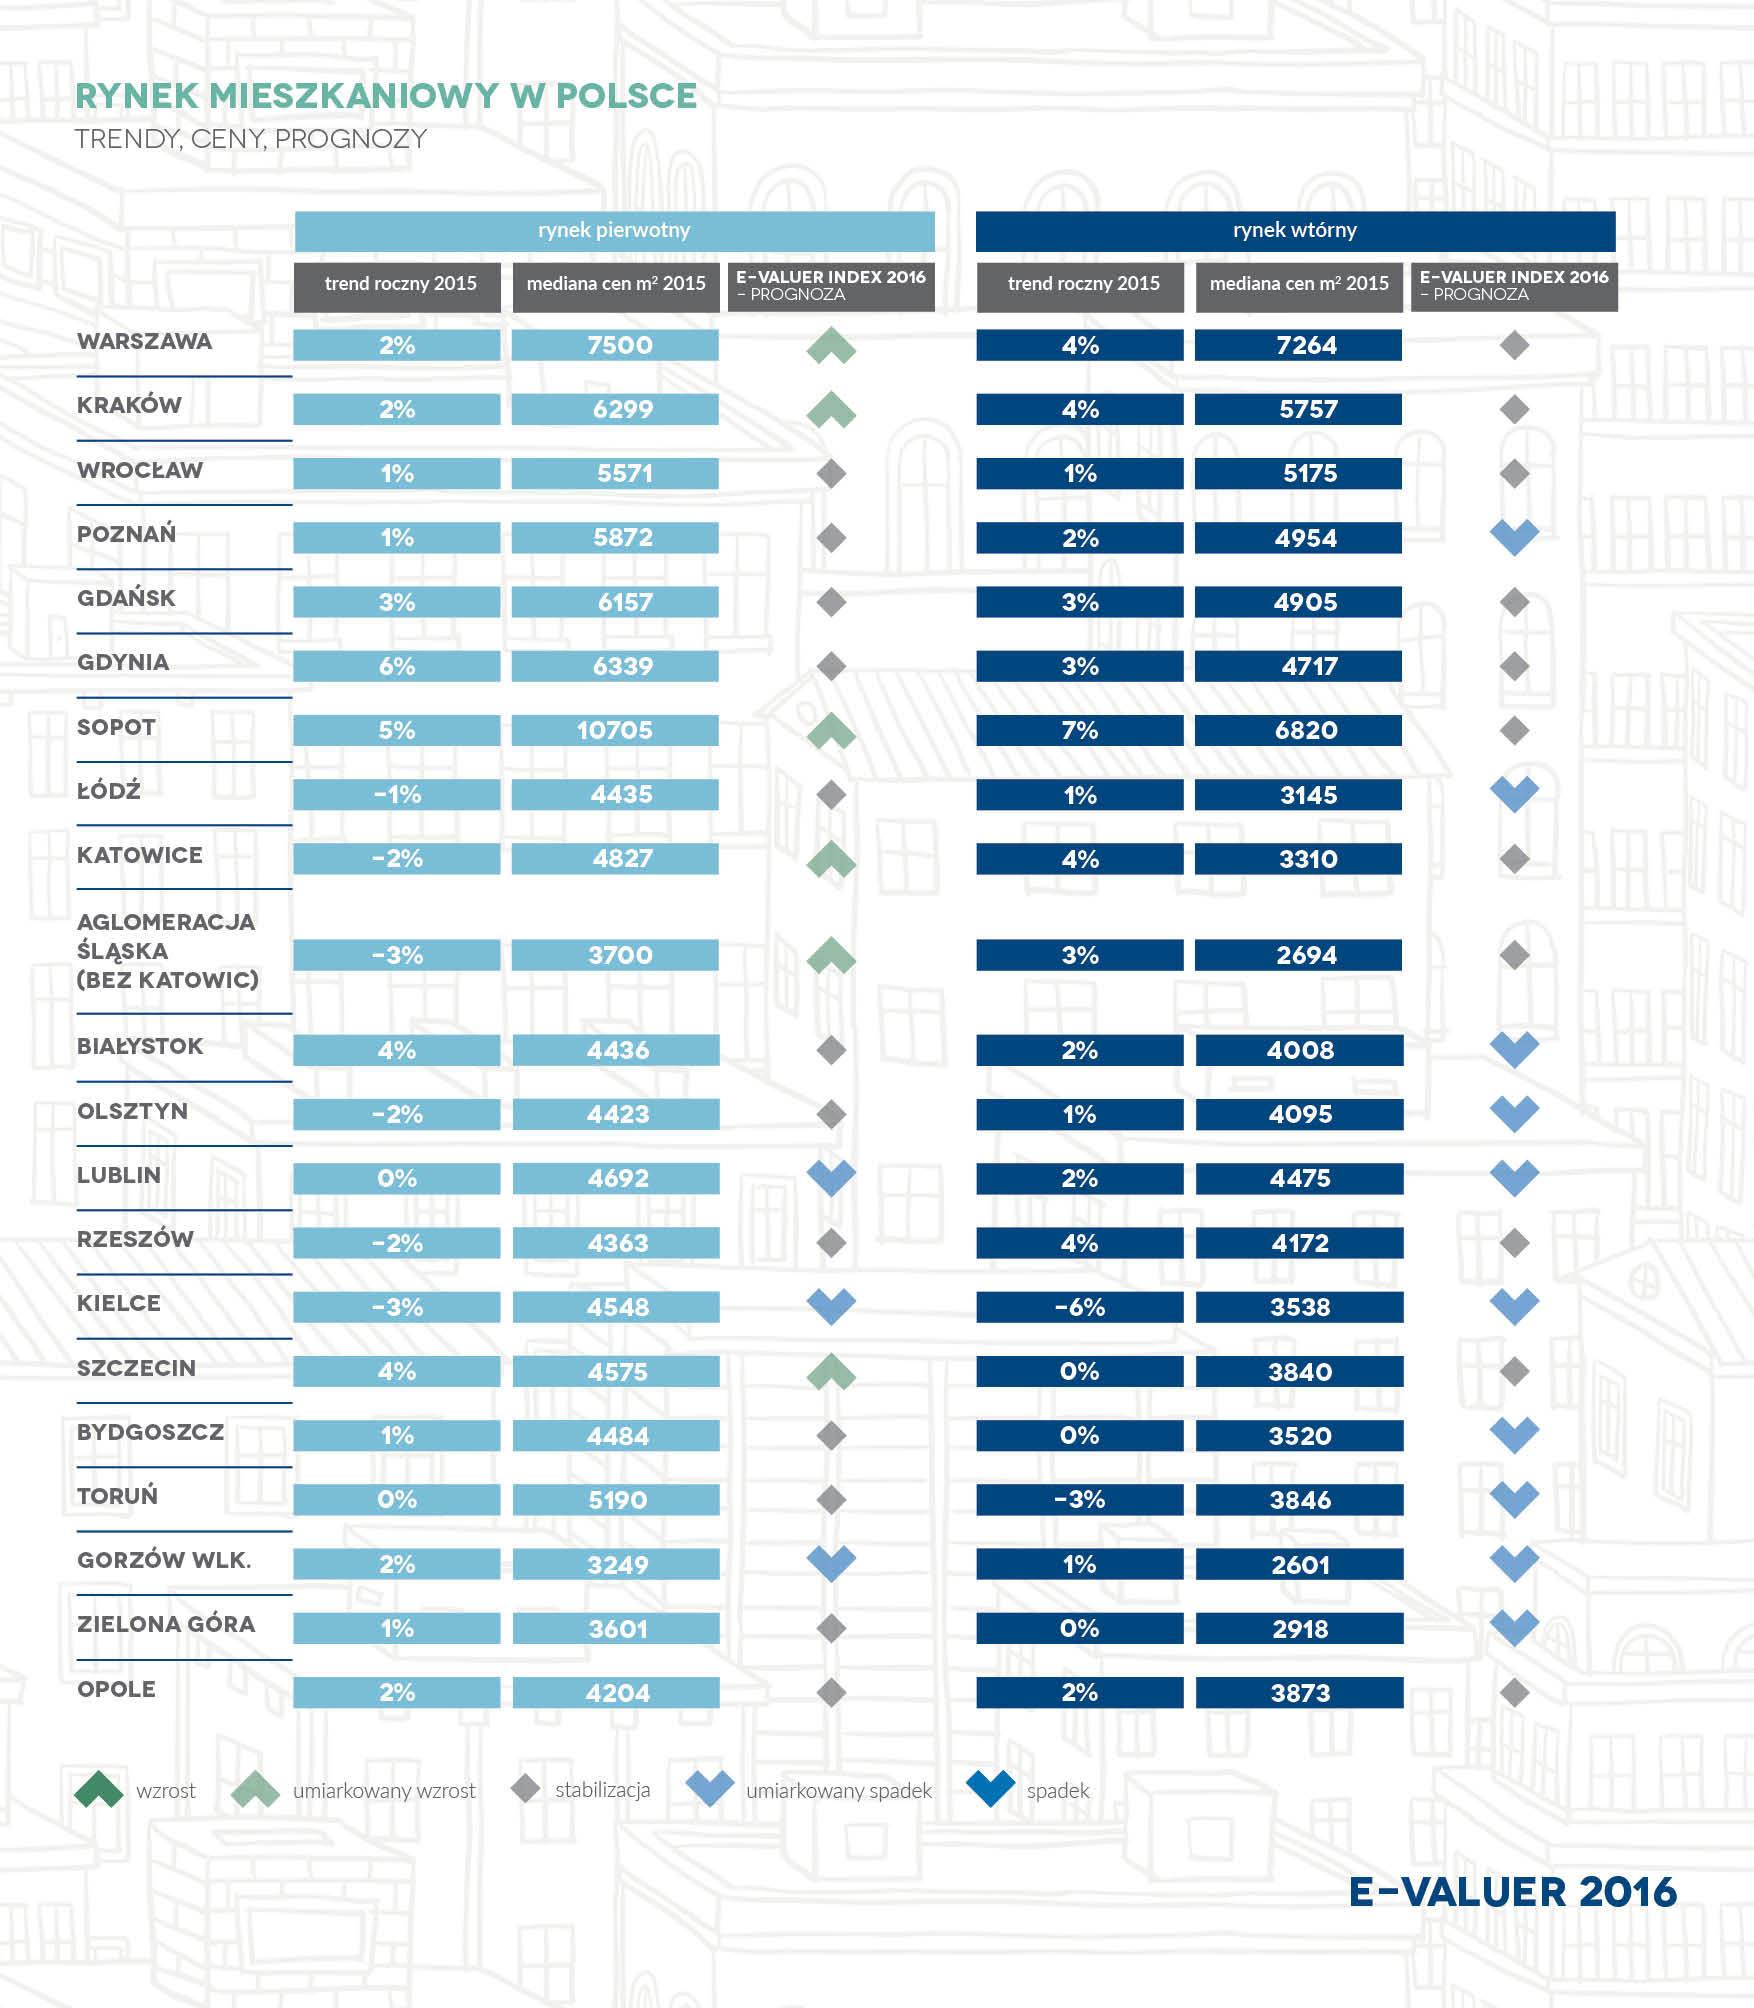 E-VALUER 2016_Prognozy dla miast